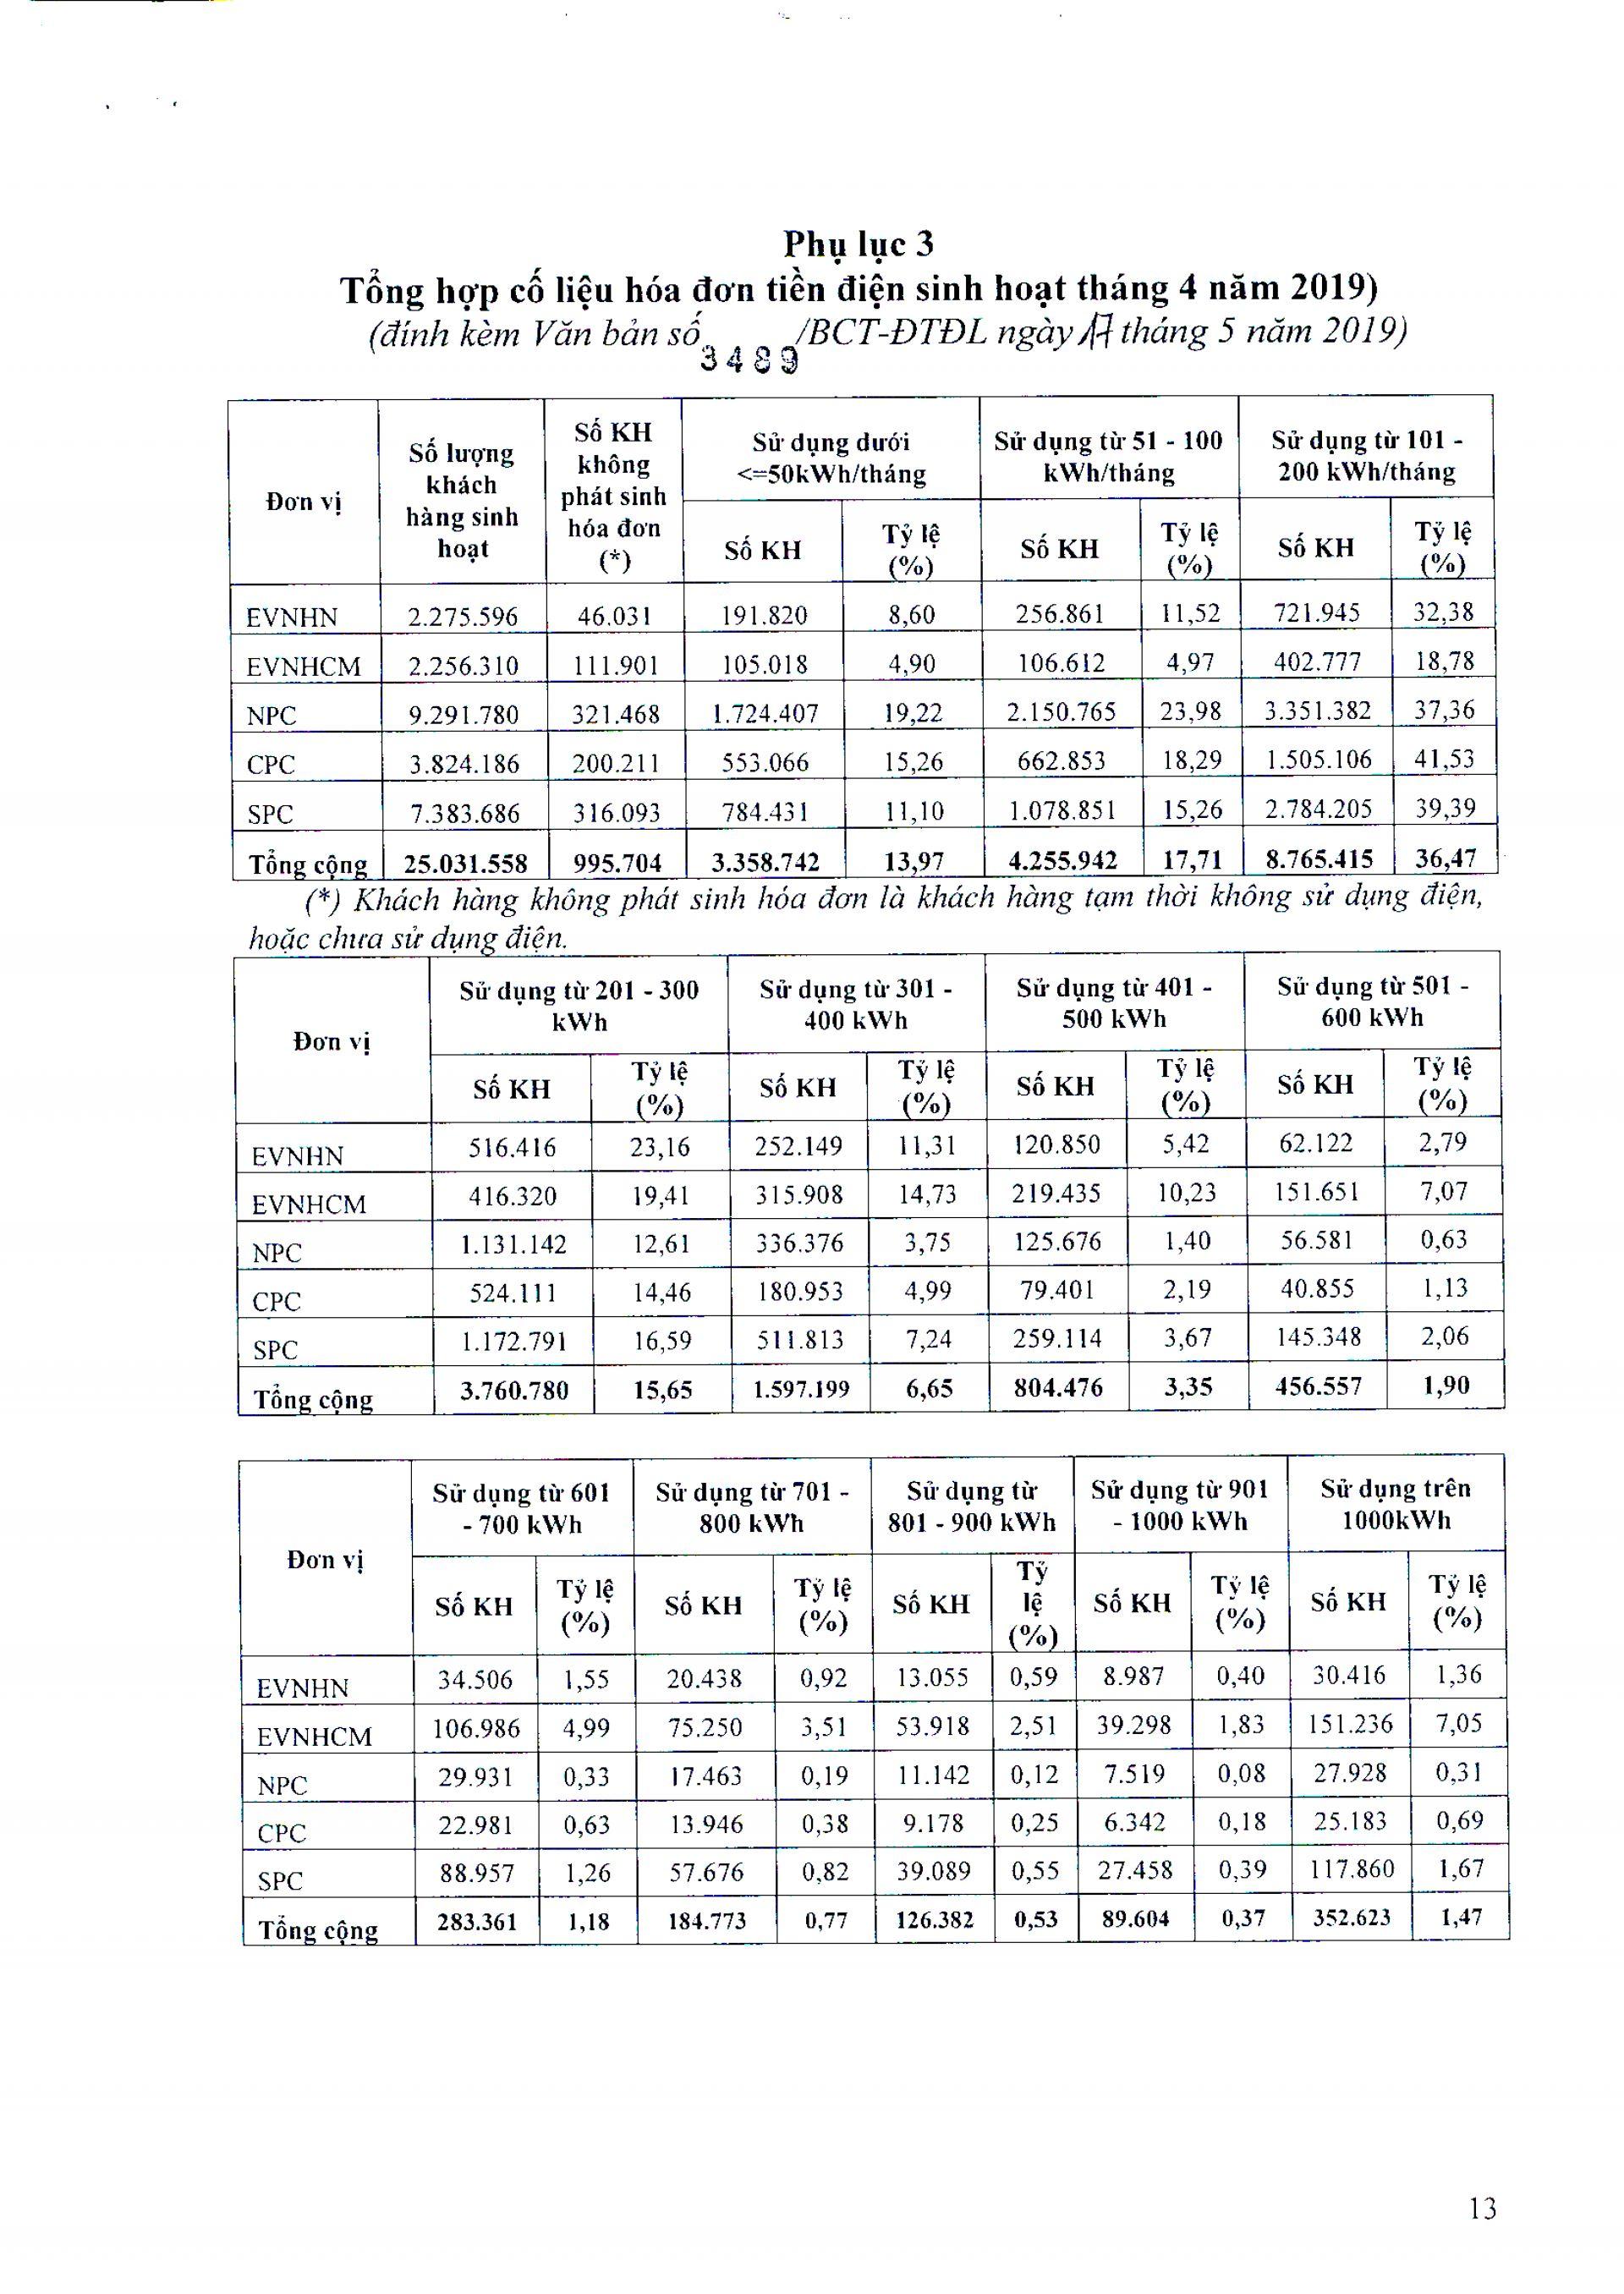 Thông báo của Công ty Điện lực Tây Ninh